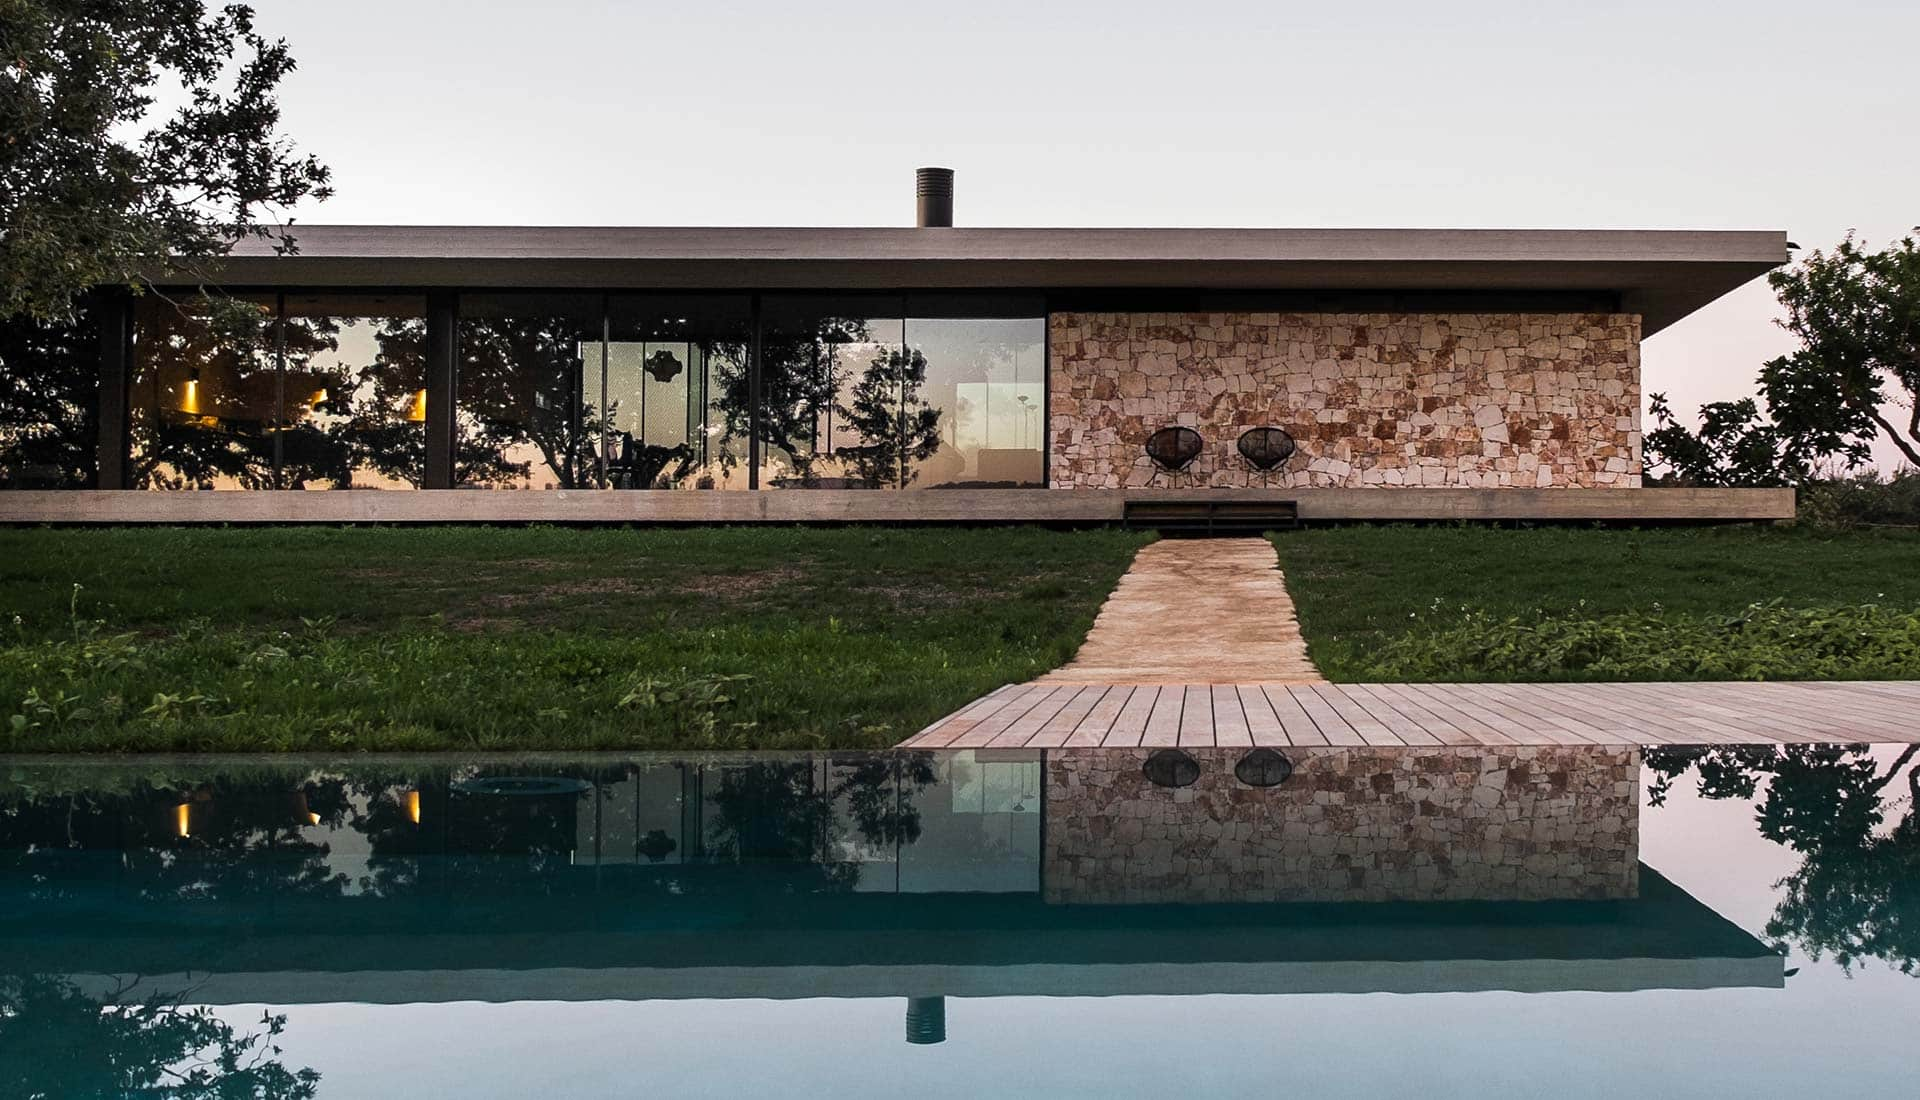 Corsaro architetti - progetto 6